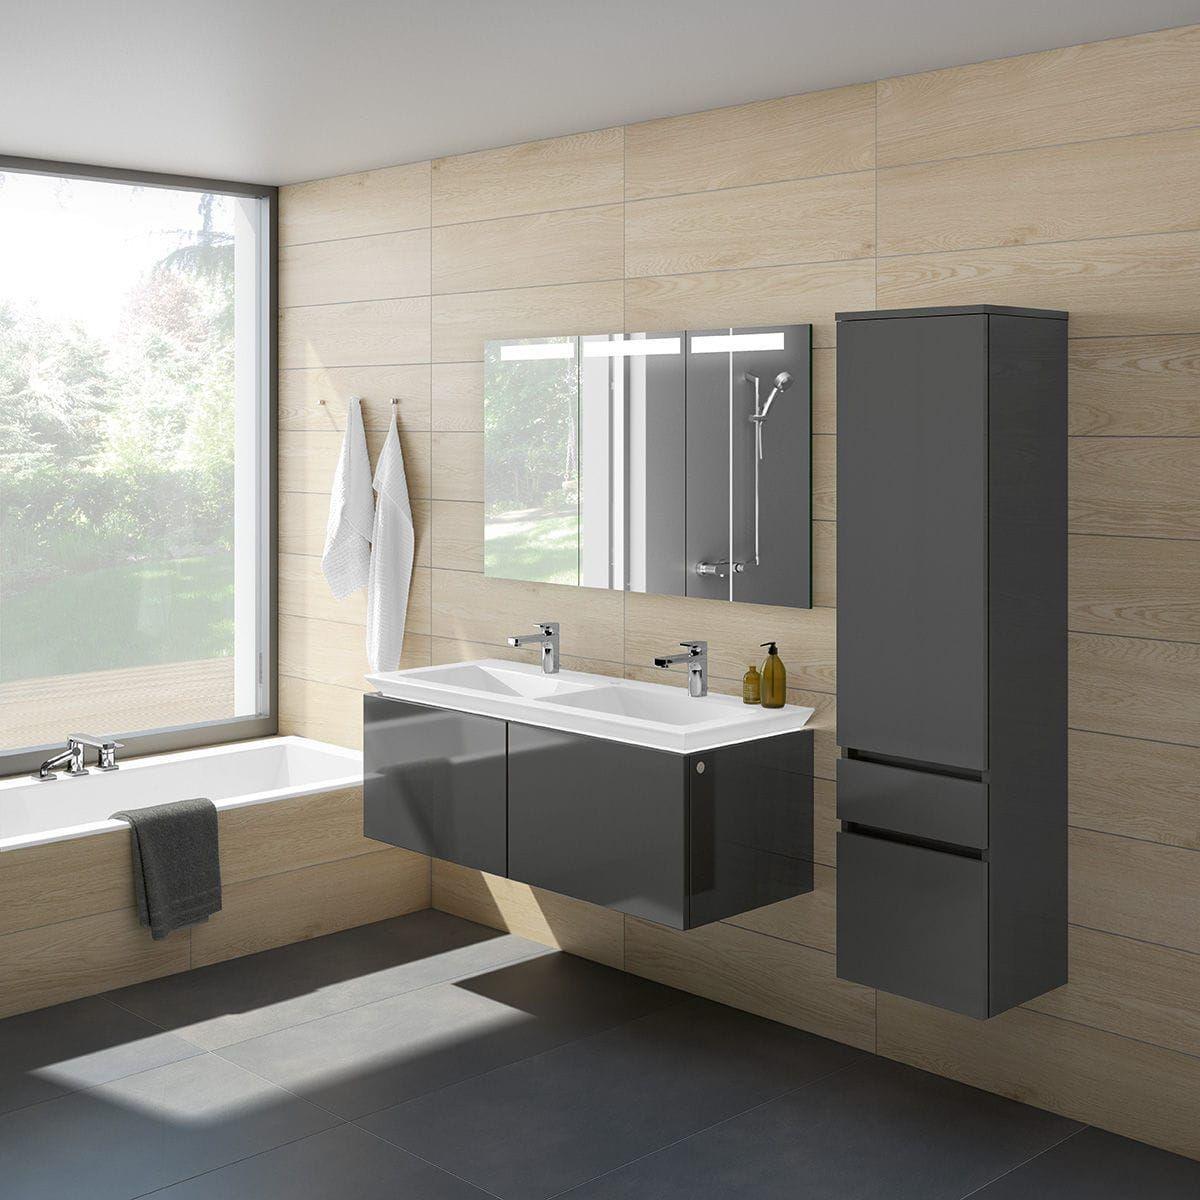 Contemporary Bathroom In Wood Legato Villeroy Boch